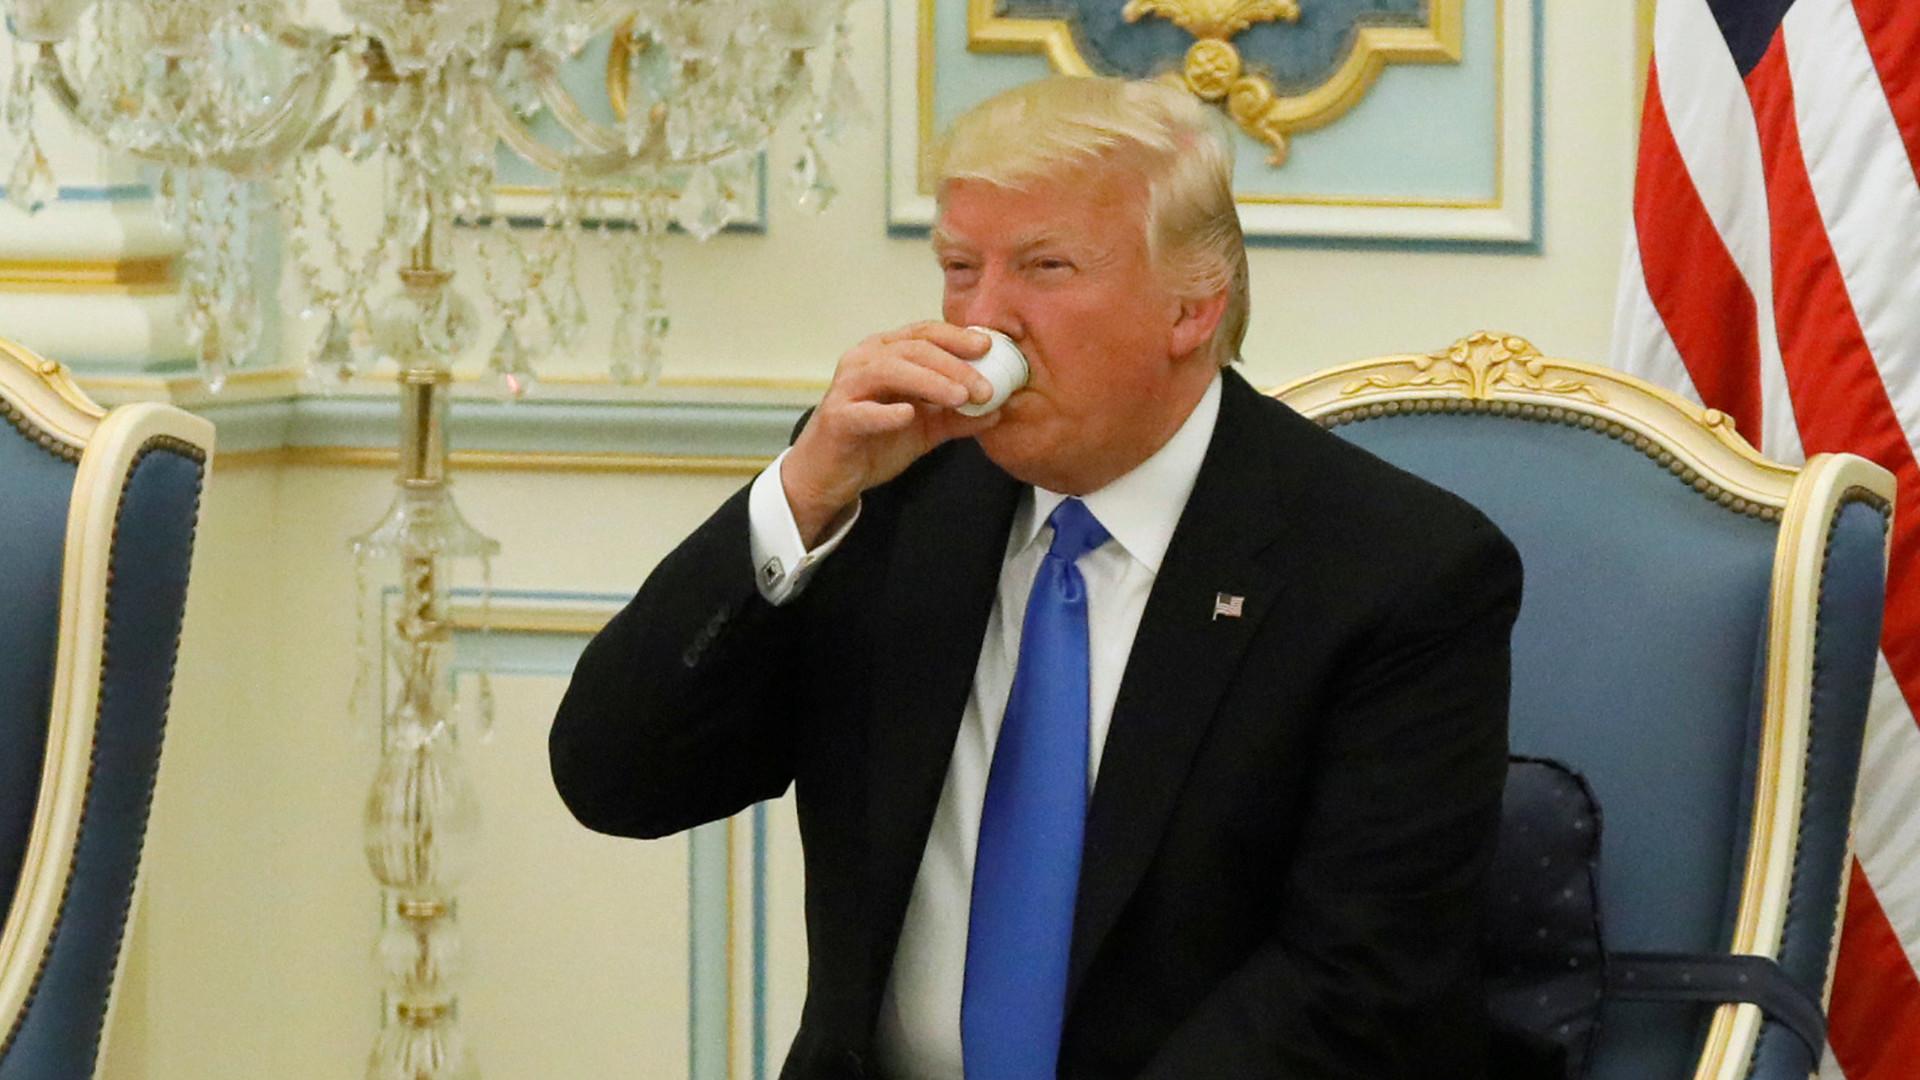 «Несчастная Хилари»: Трамп назвал Клинтон «ужасным кандидатом», объясняя еепоражение